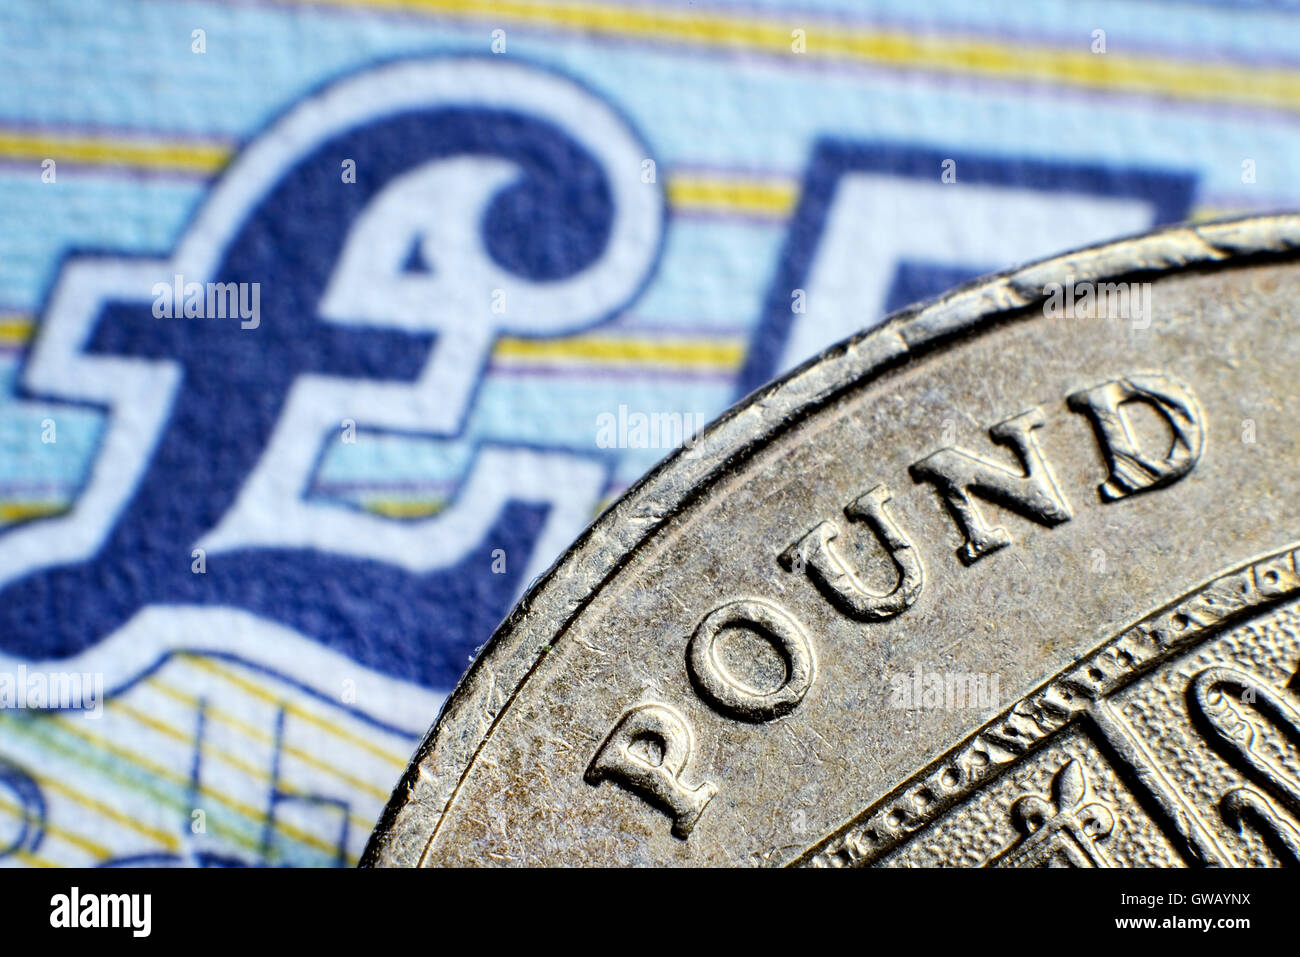 British one-pound coin and pound mark, Britische Ein-Pfund-Muenze und Pfundnote - Stock Image